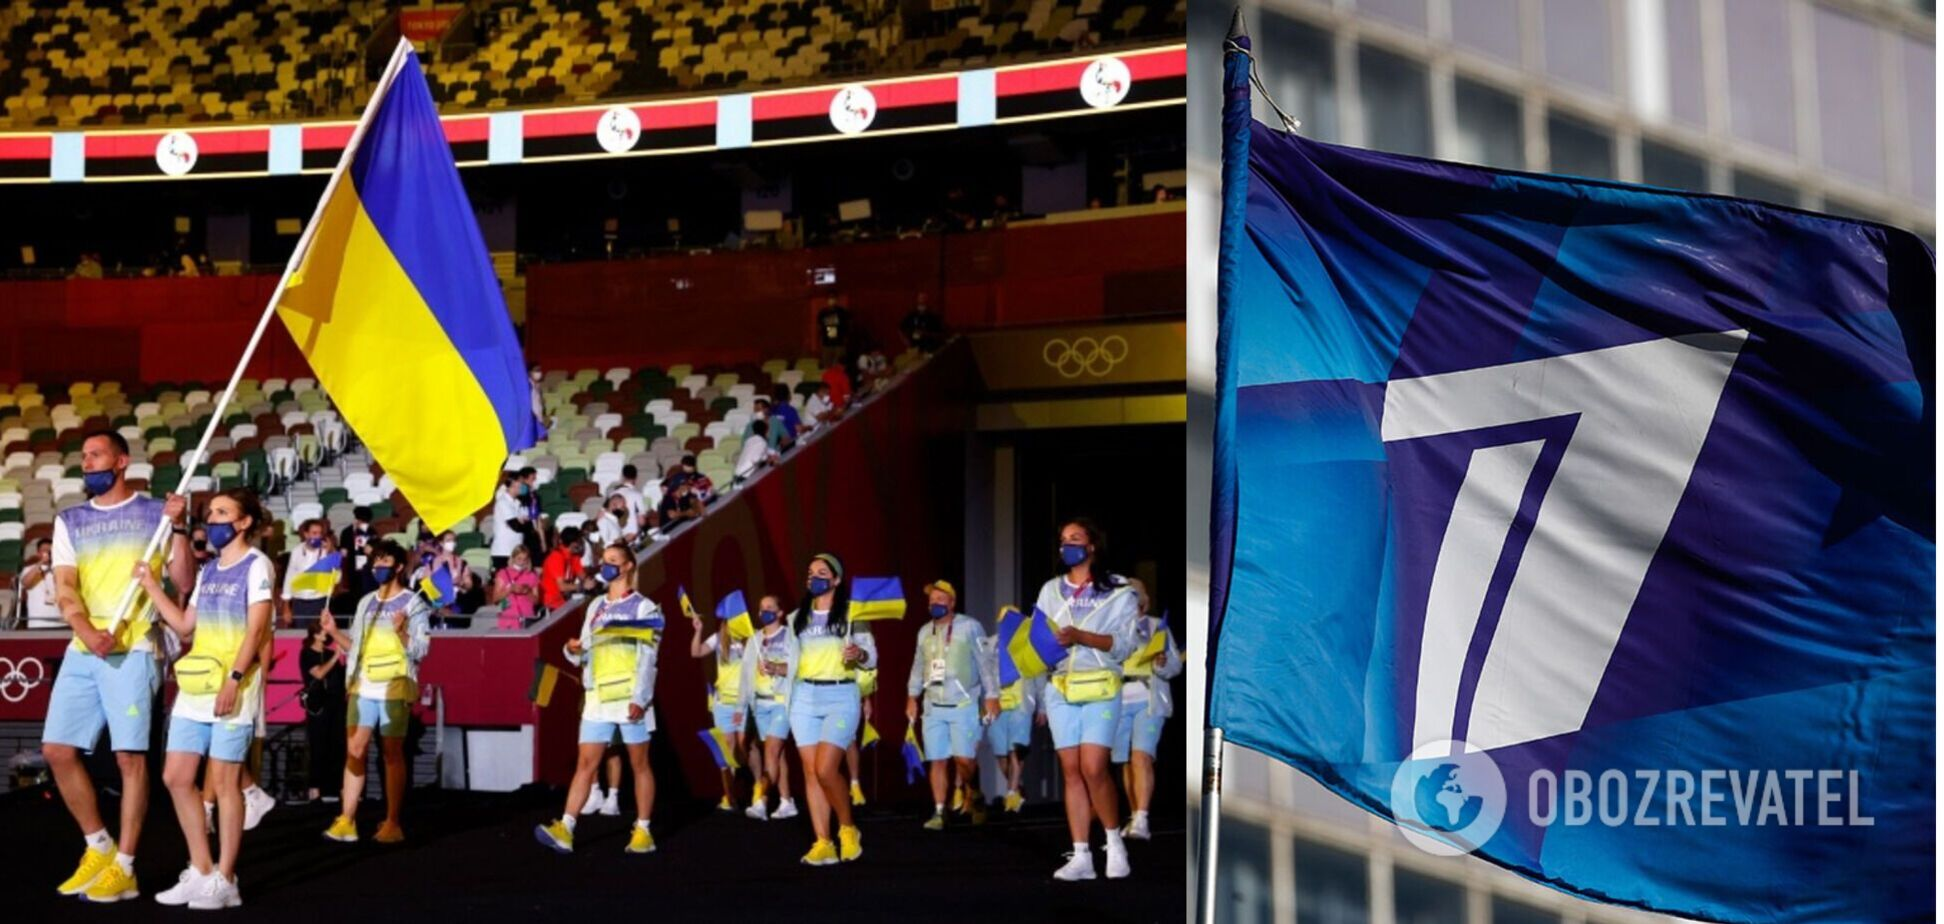 Вихід українських спортсменів не показали в РФ